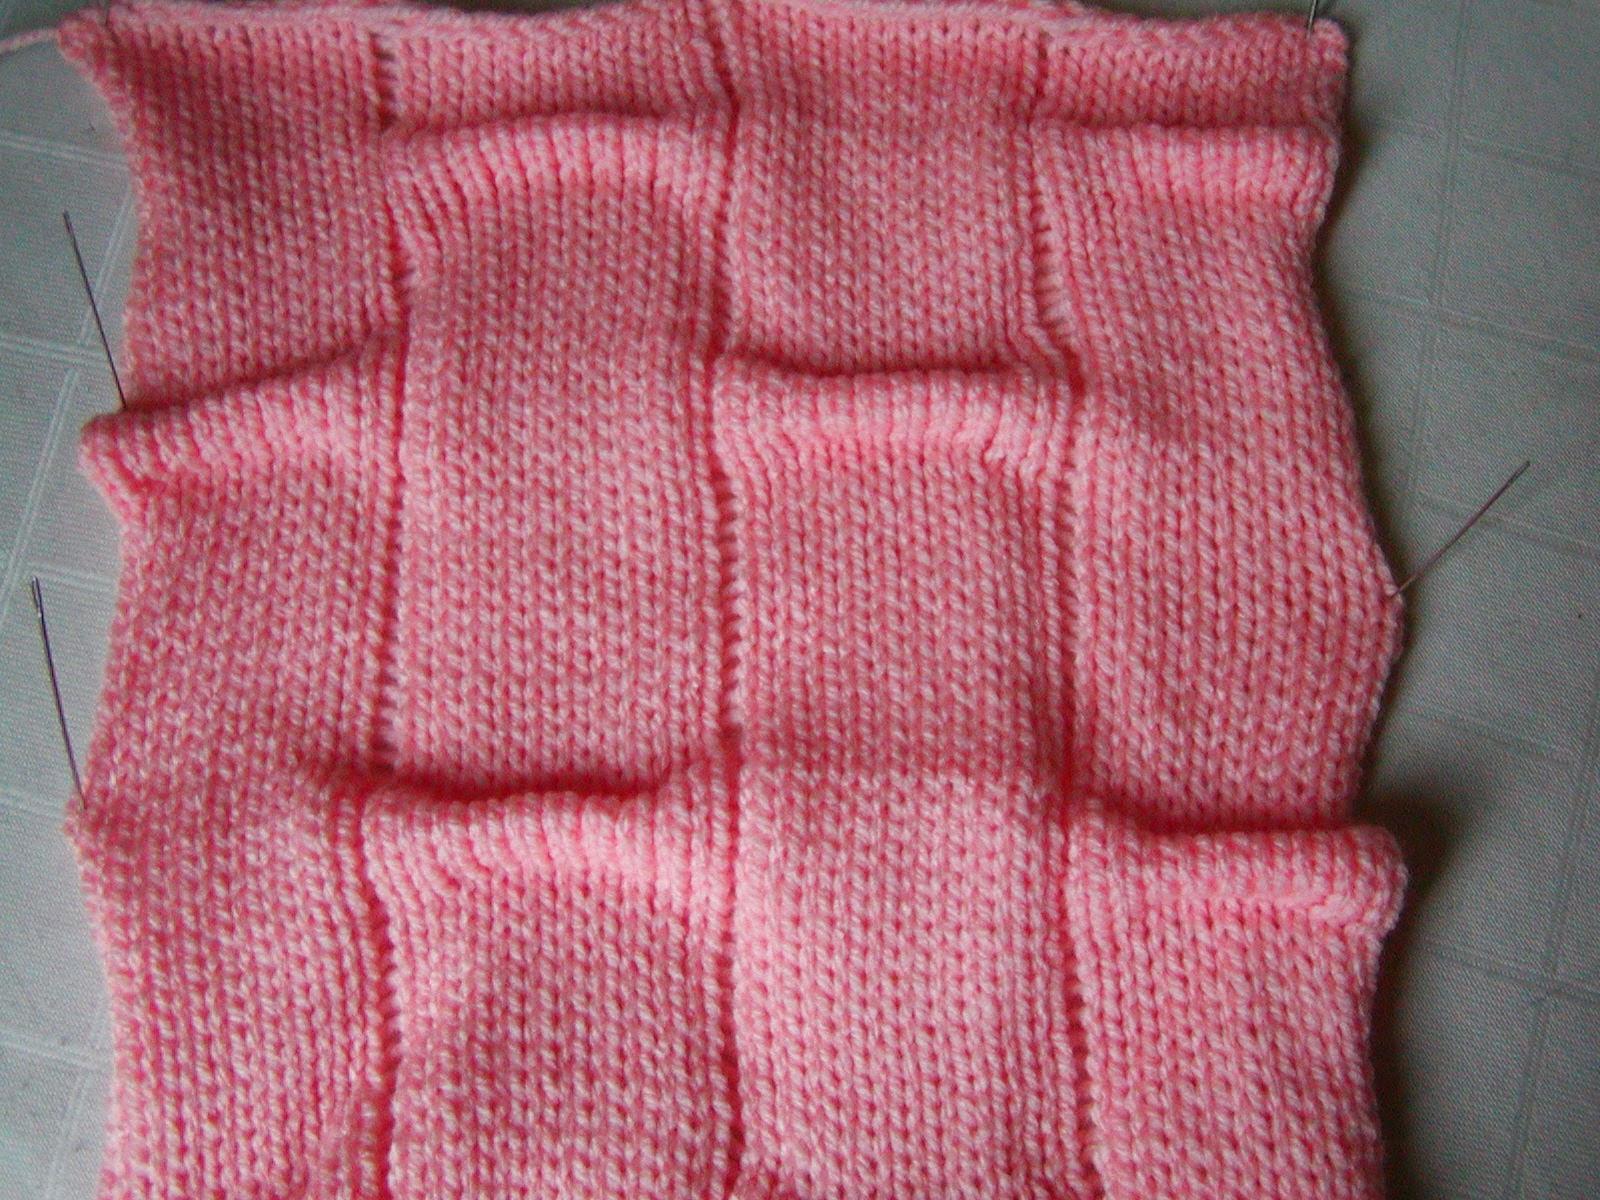 Addicted to Machine Knitting